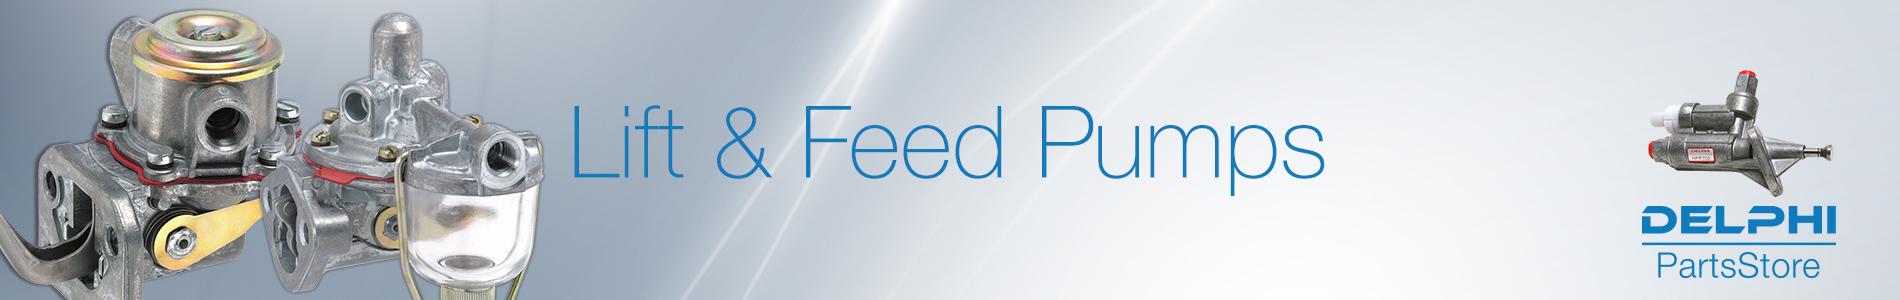 Lift & Feed Pumps